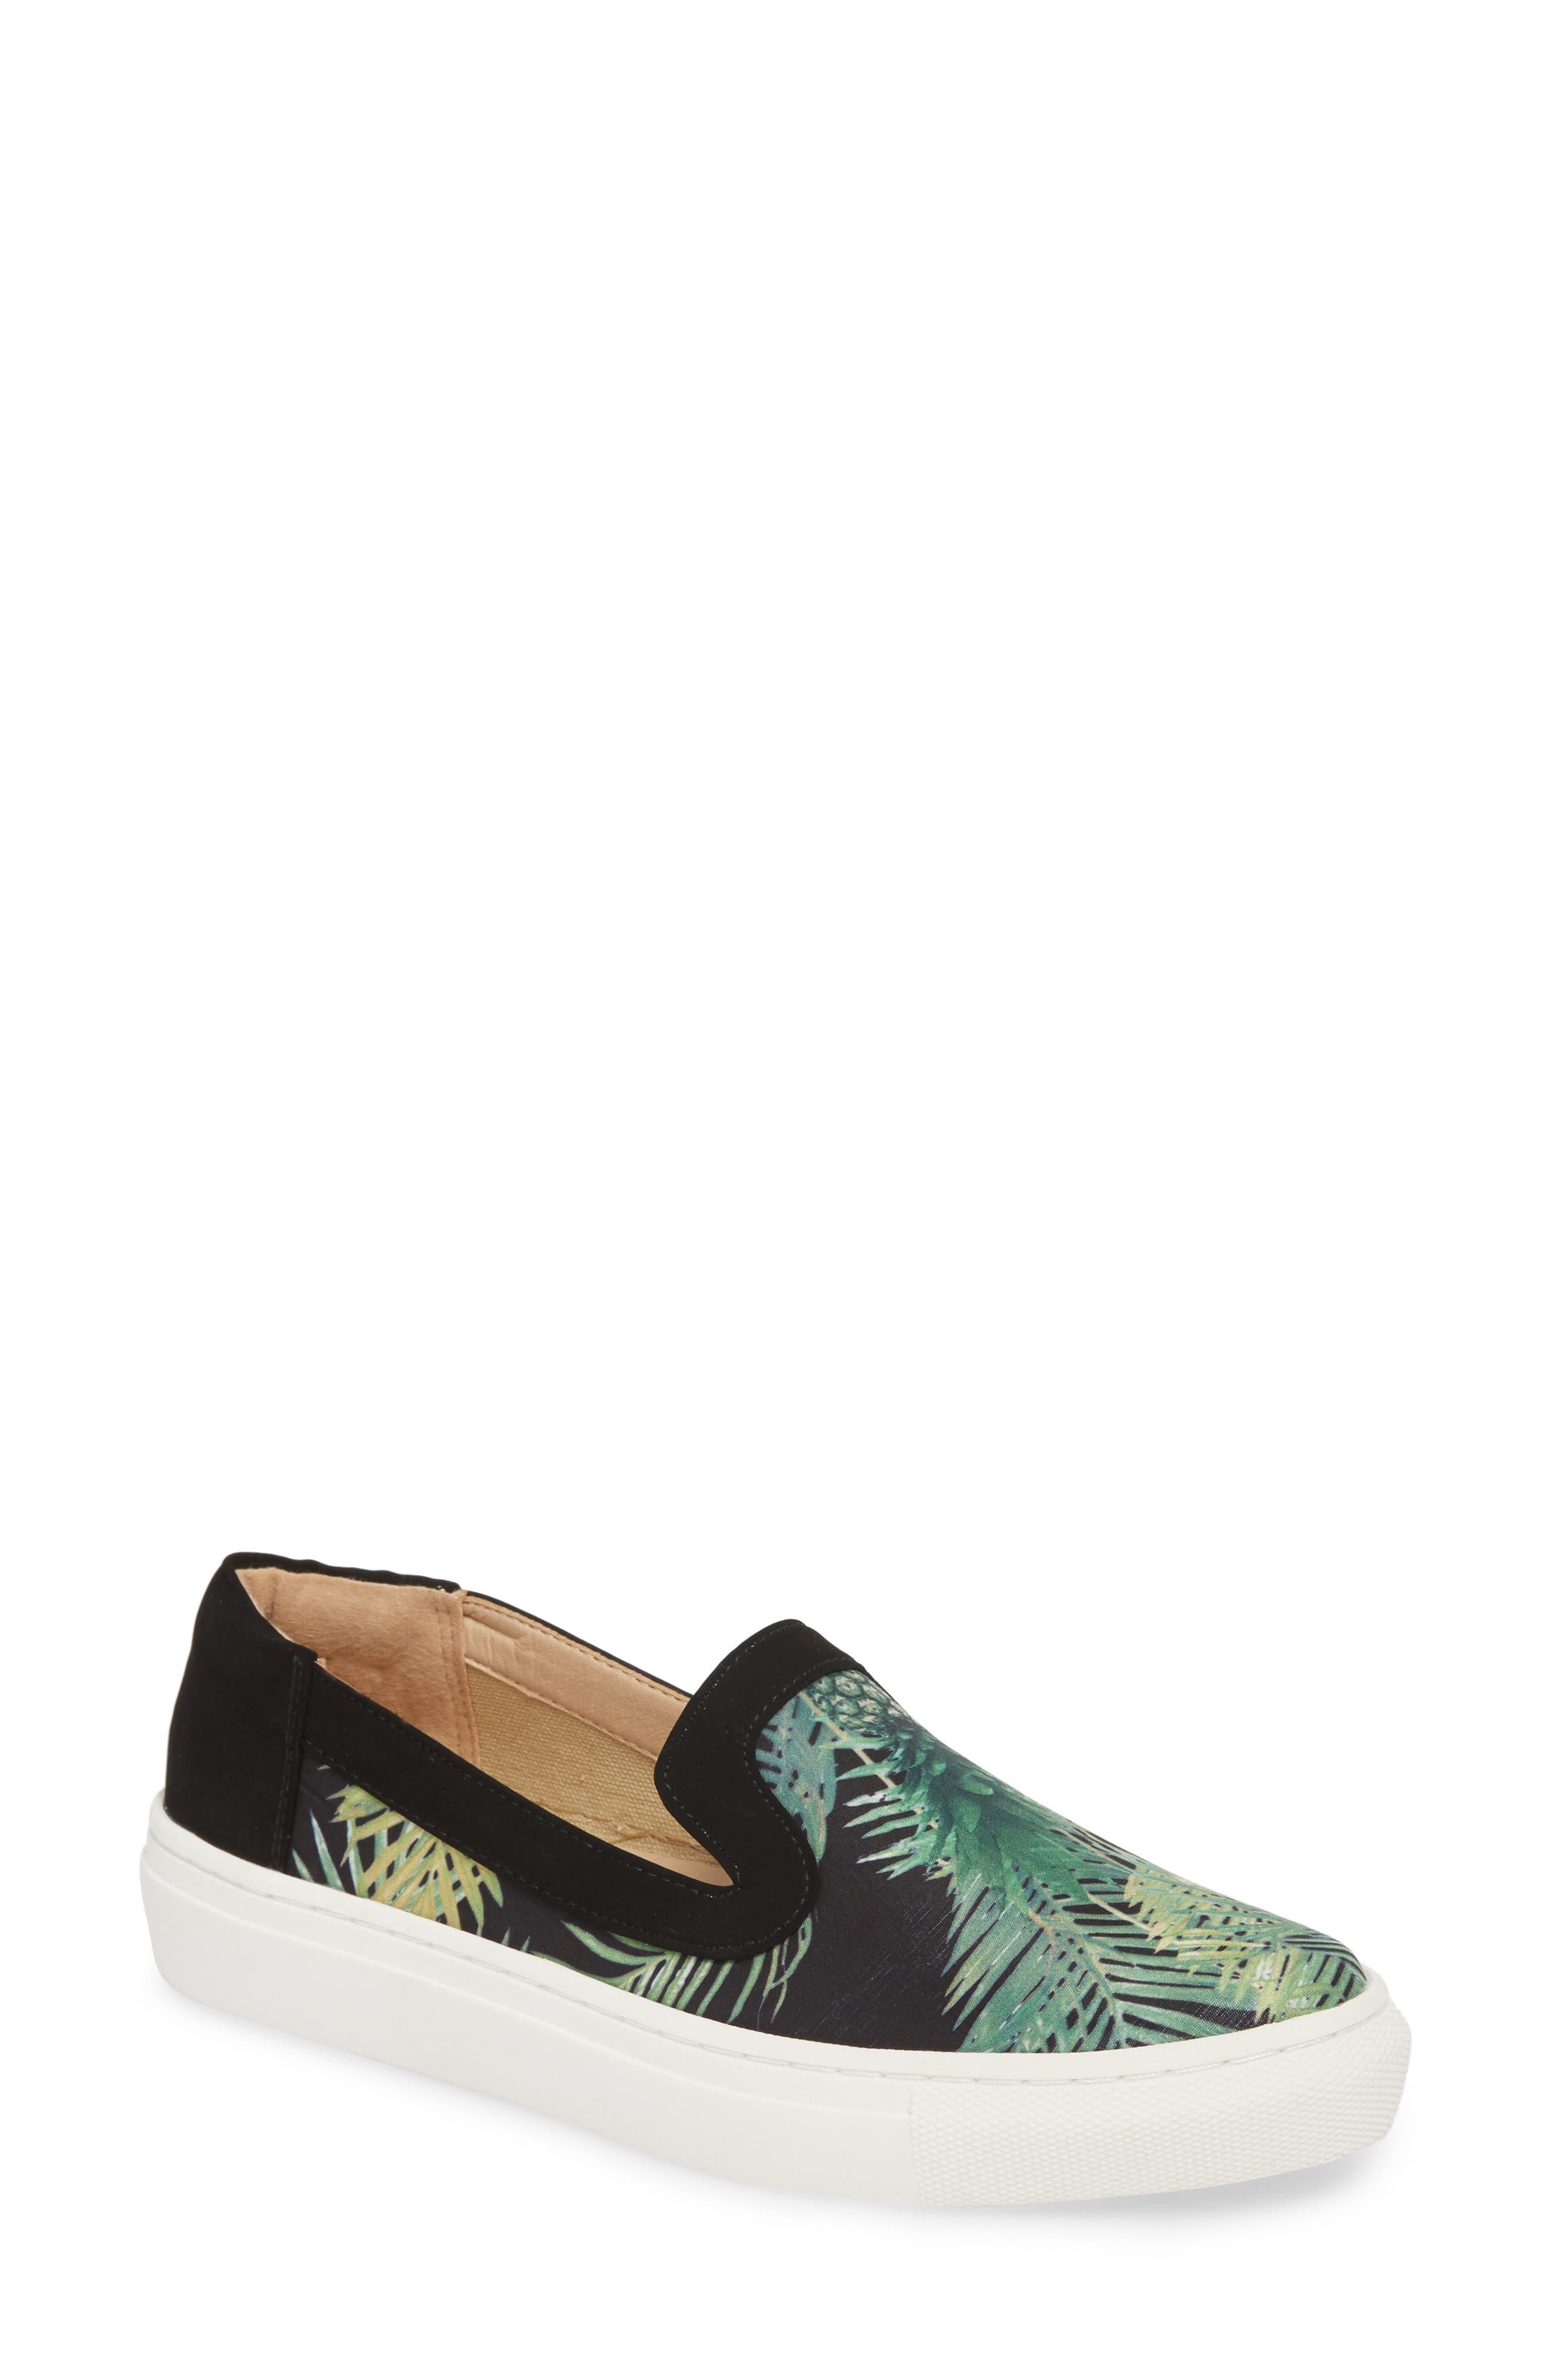 Lineth Sneaker,                         Main,                         color, BLACK / MULTI